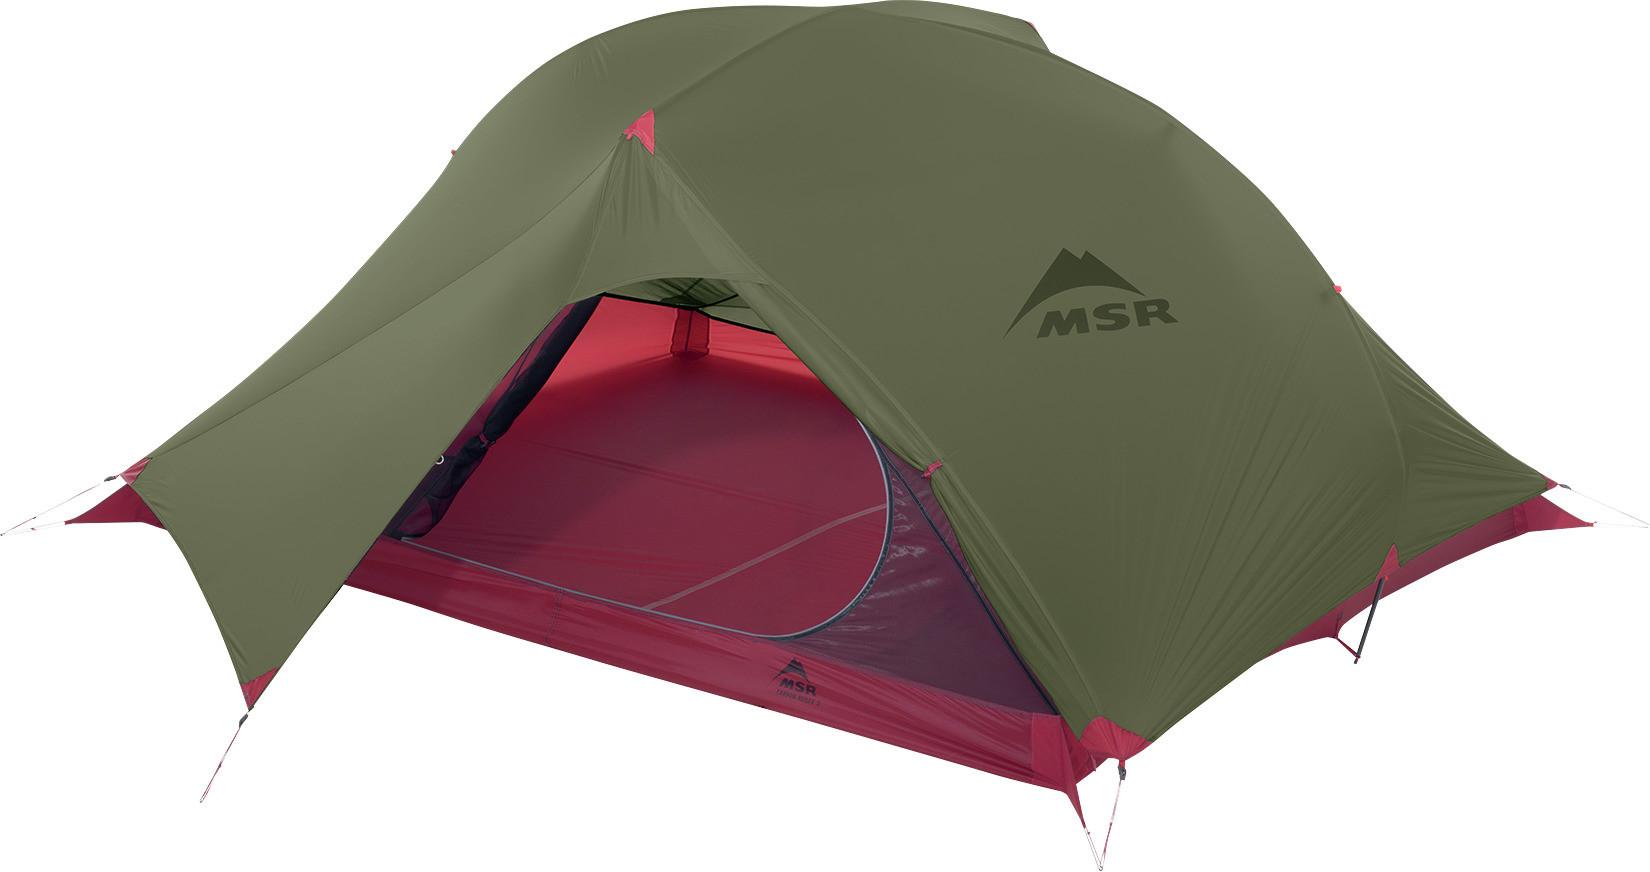 Msr Carbon Reflex 3 Tenten Uitrusting